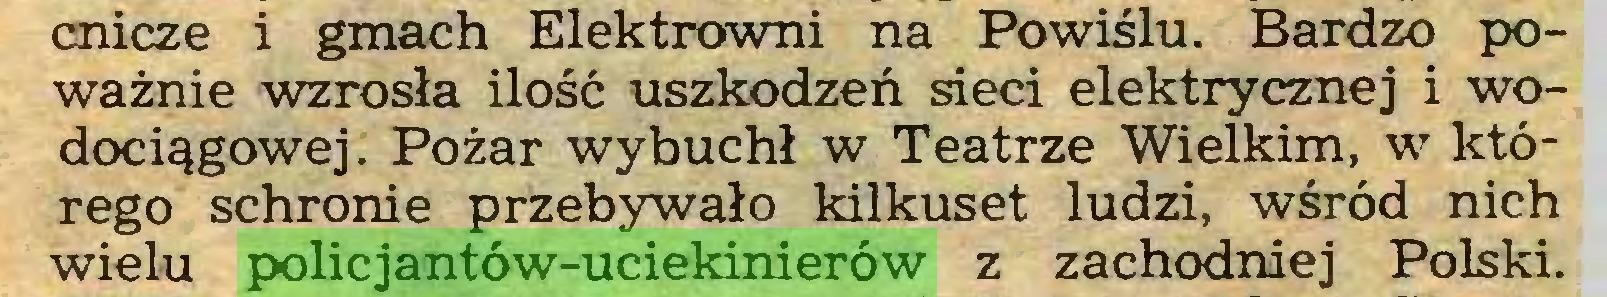 (...) cnicze i gmach Elektrowni na Powiślu. Bardzo poważnie wzrosła ilość uszkodzeń sieci elektrycznej i wodociągowej. Pożar wybuchł w Teatrze Wielkim, w którego schronie przebywało kilkuset ludzi, wśród nich wielu policjantów-uciekinierów z zachodniej Polski...